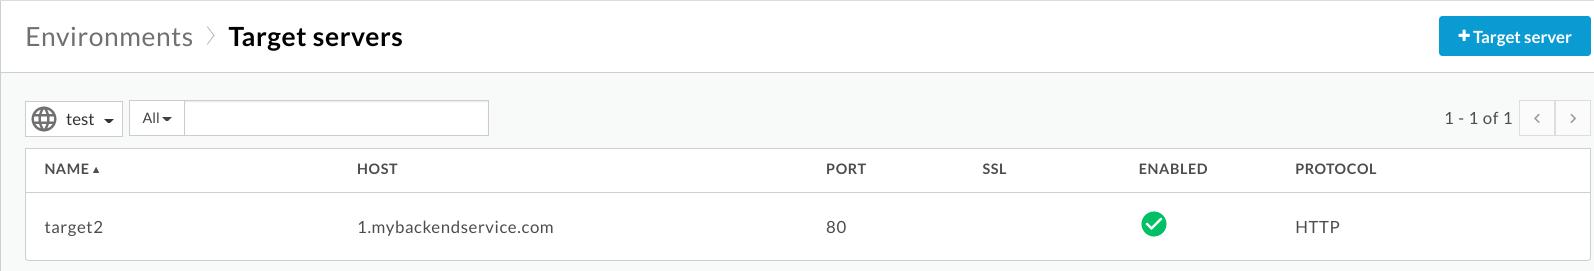 List of target servers